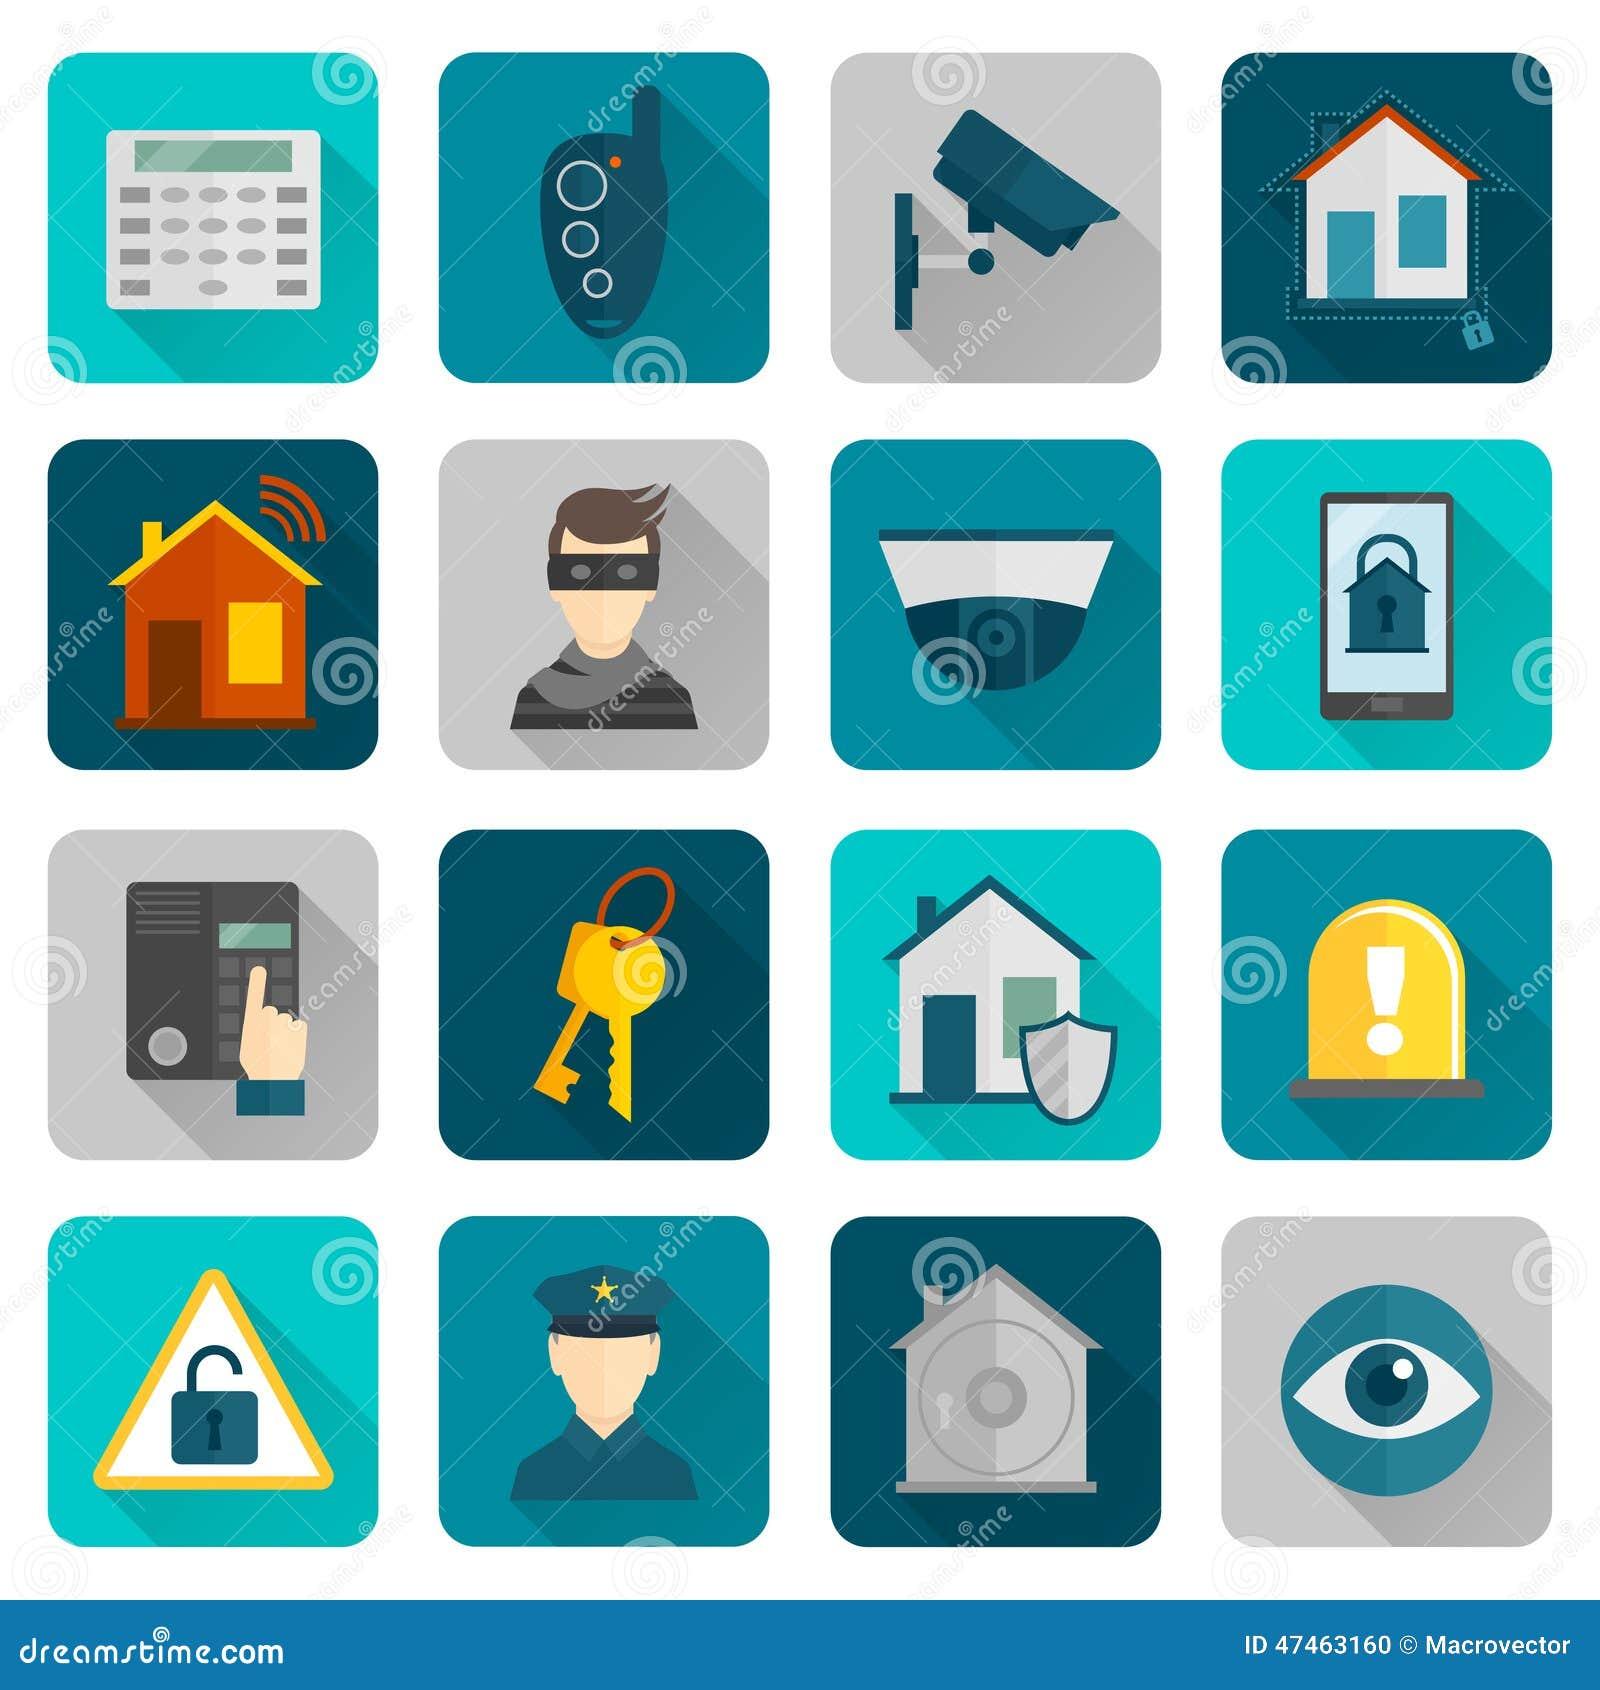 Burglar alarm business plan